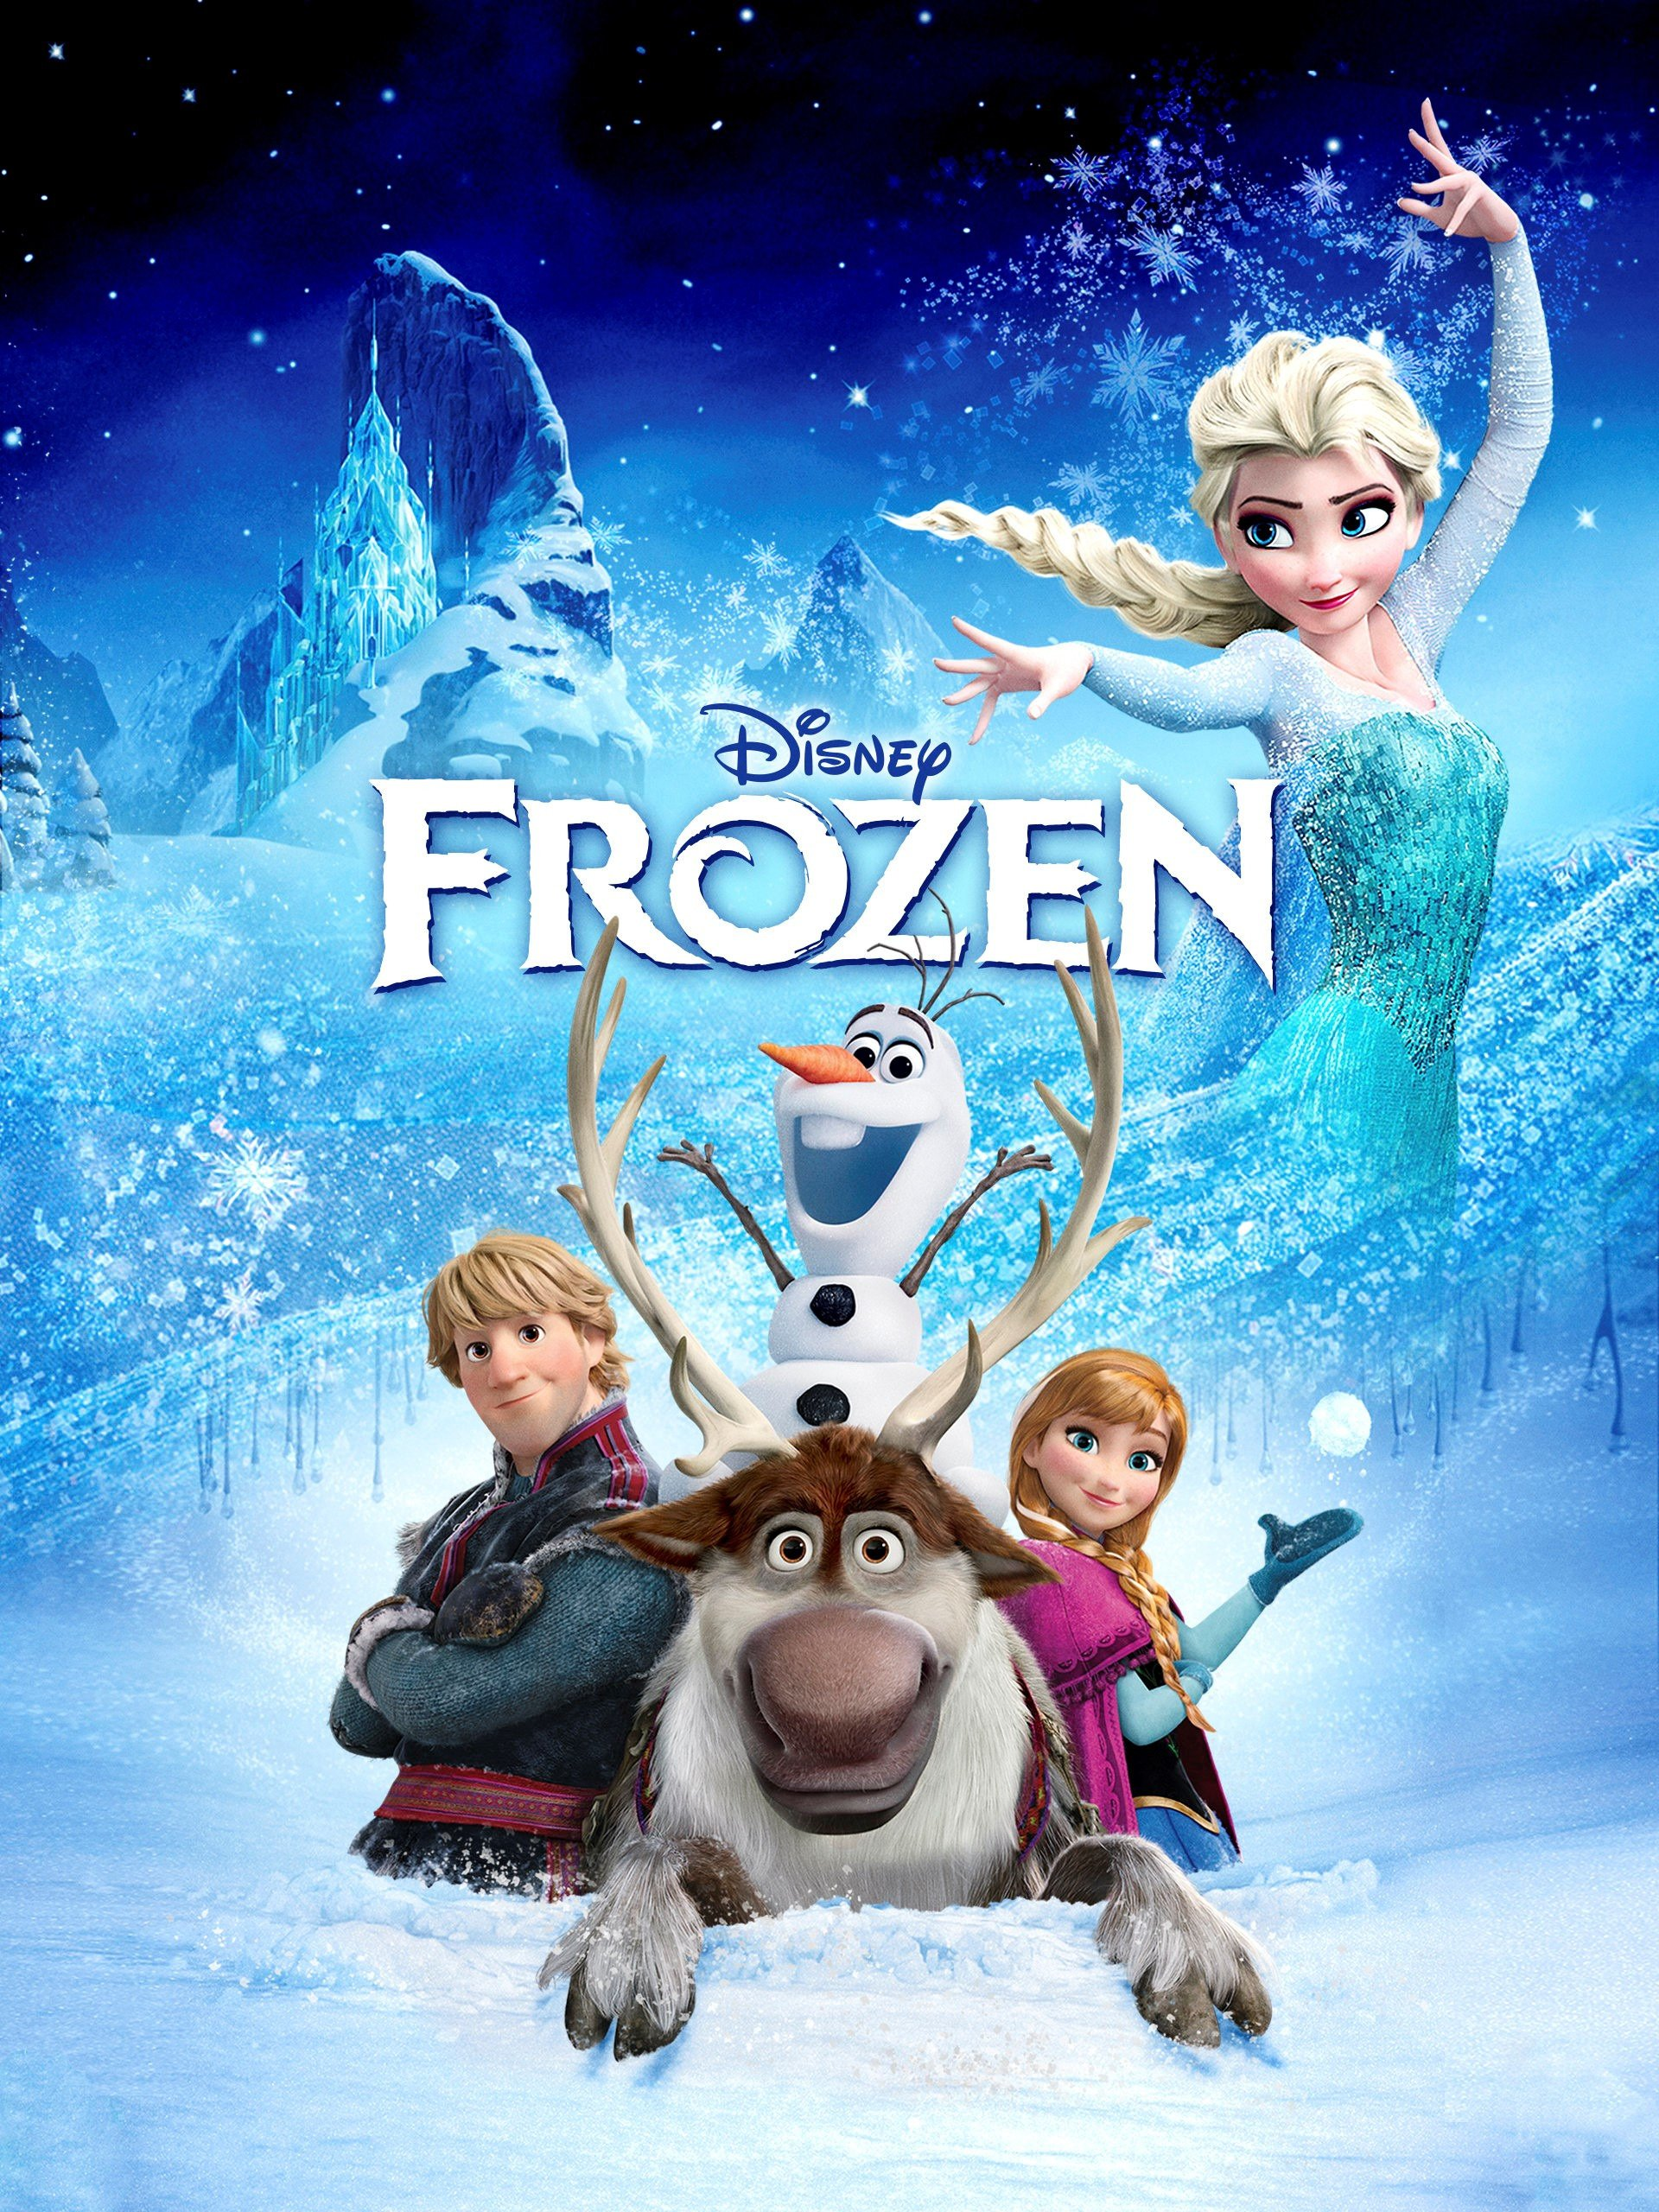 Frozen (2013) by